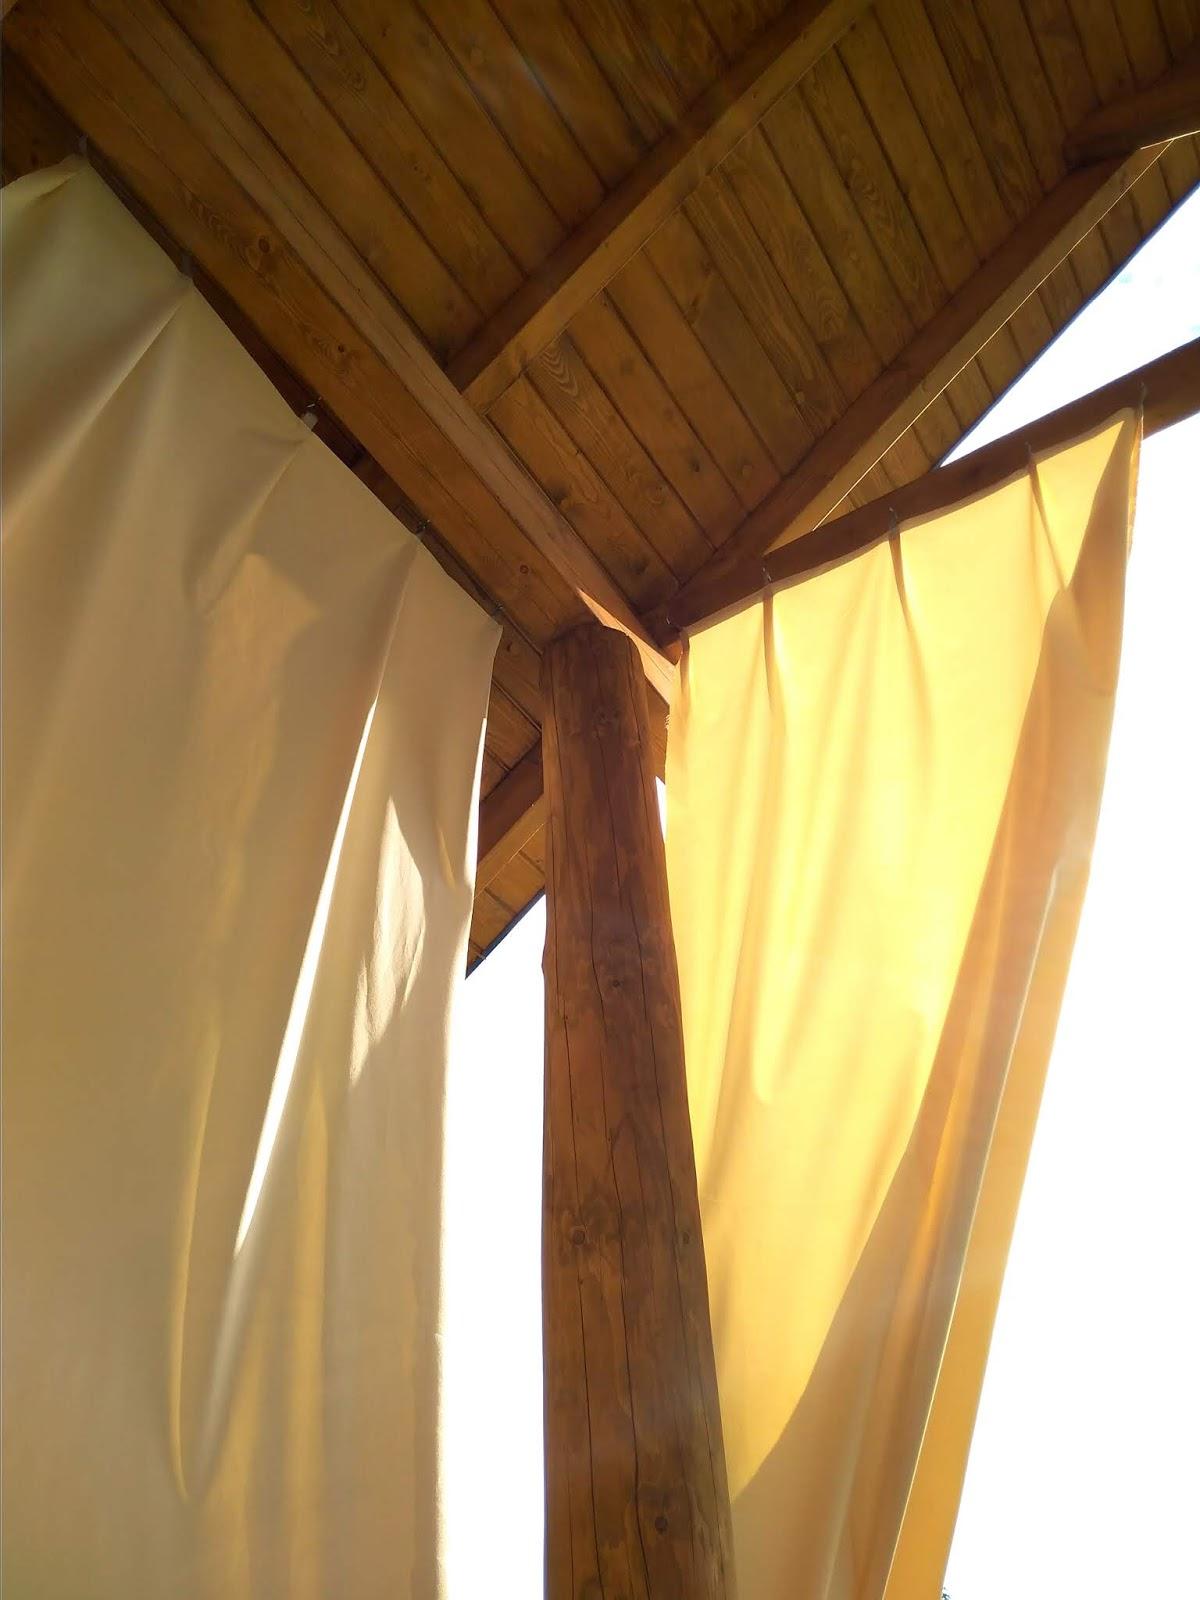 Słońce I Zasłony Tarasowe W Moim Domu Z Bali